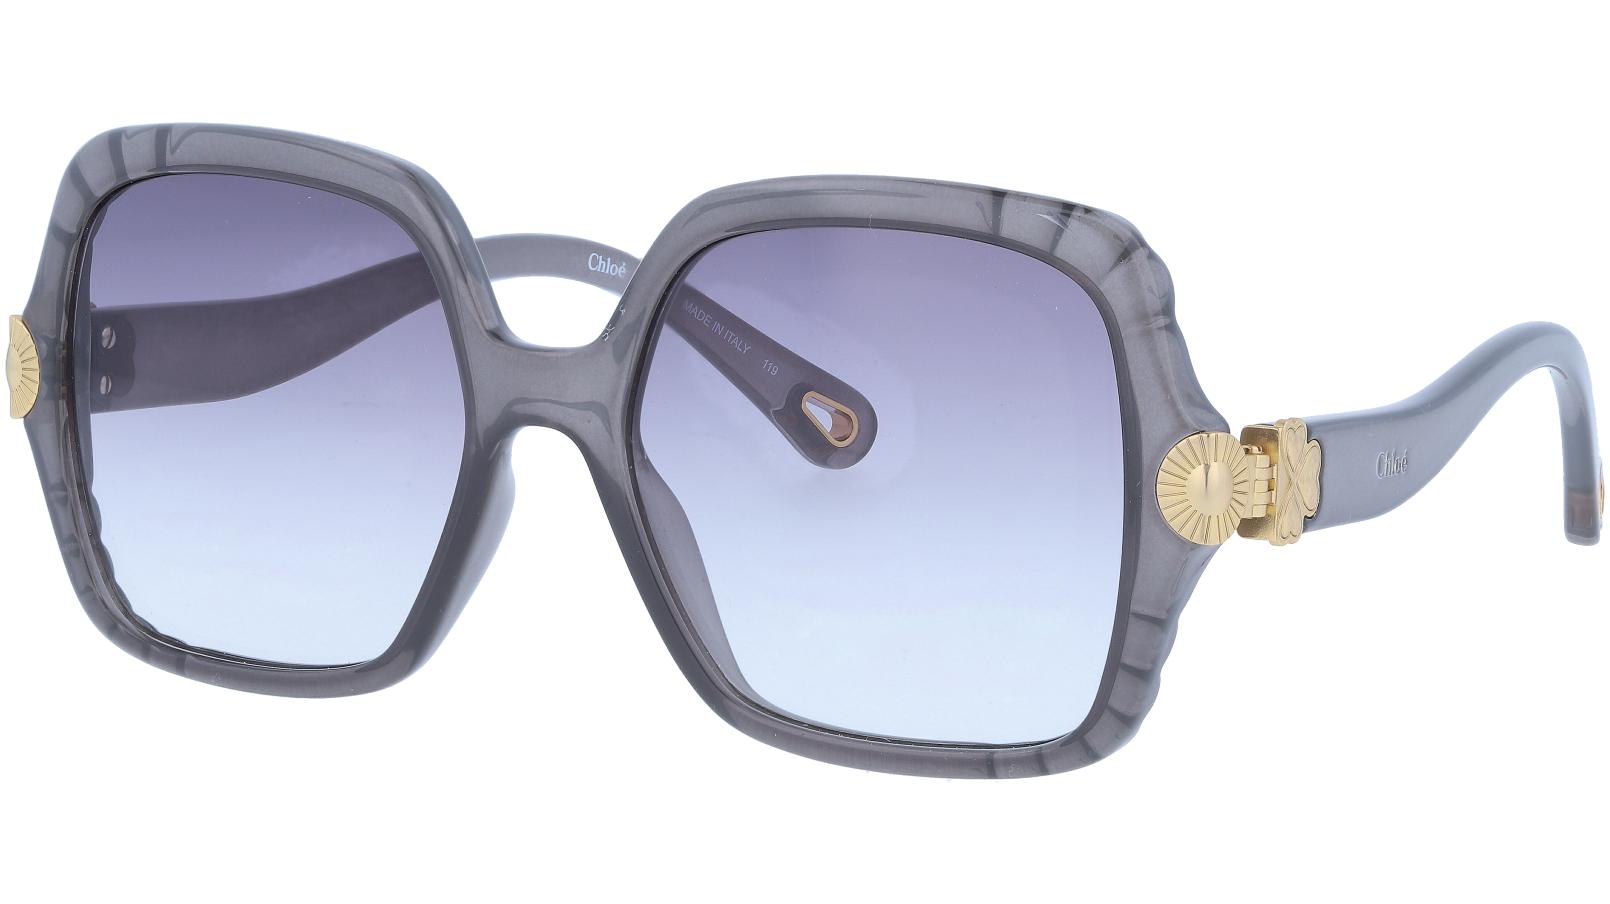 CHLOE CE746S 036 55 DARK Sunglasses